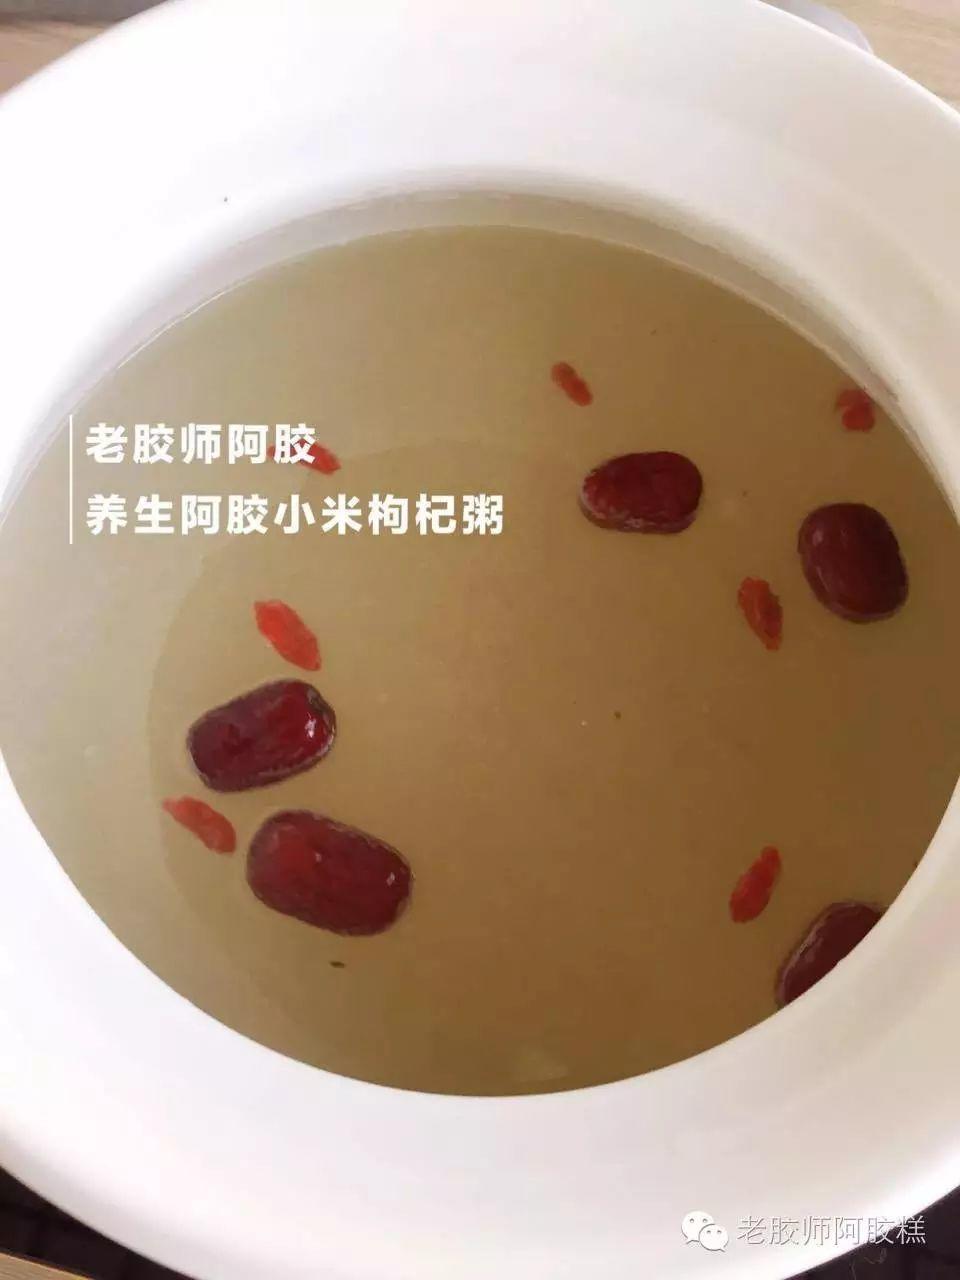 福牌阿胶-冬季养生胶膳丨老胶师阿胶小米养胃粥picture Sheet-4